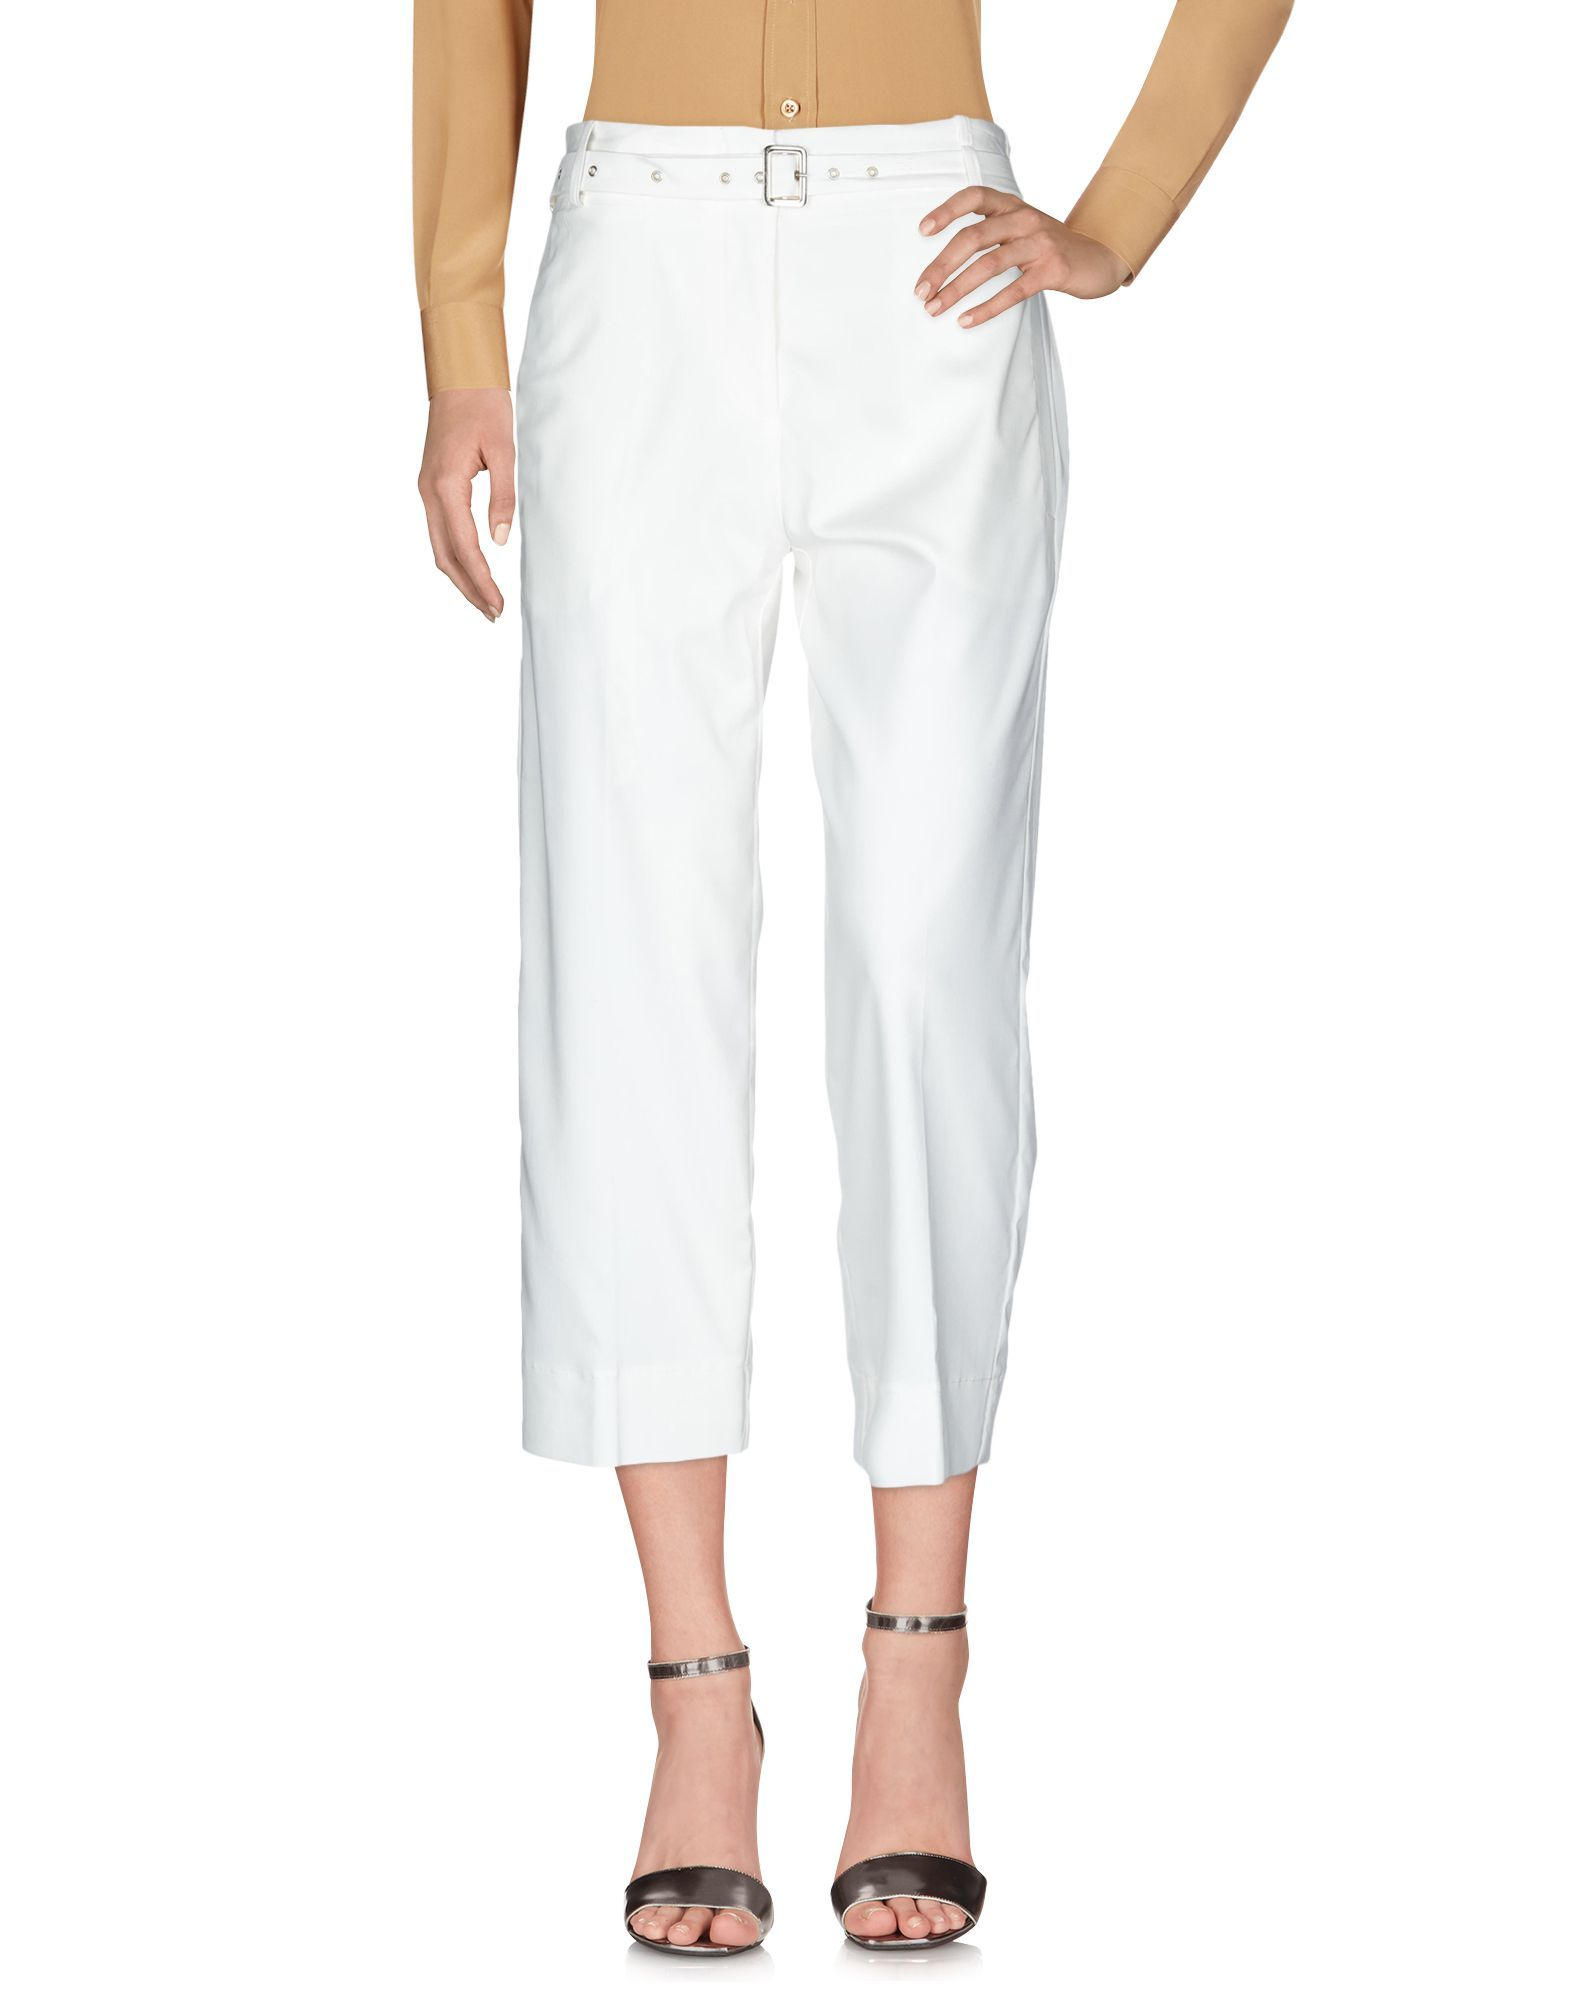 Annarita N Twenty 4H White Straight Leg Trousers